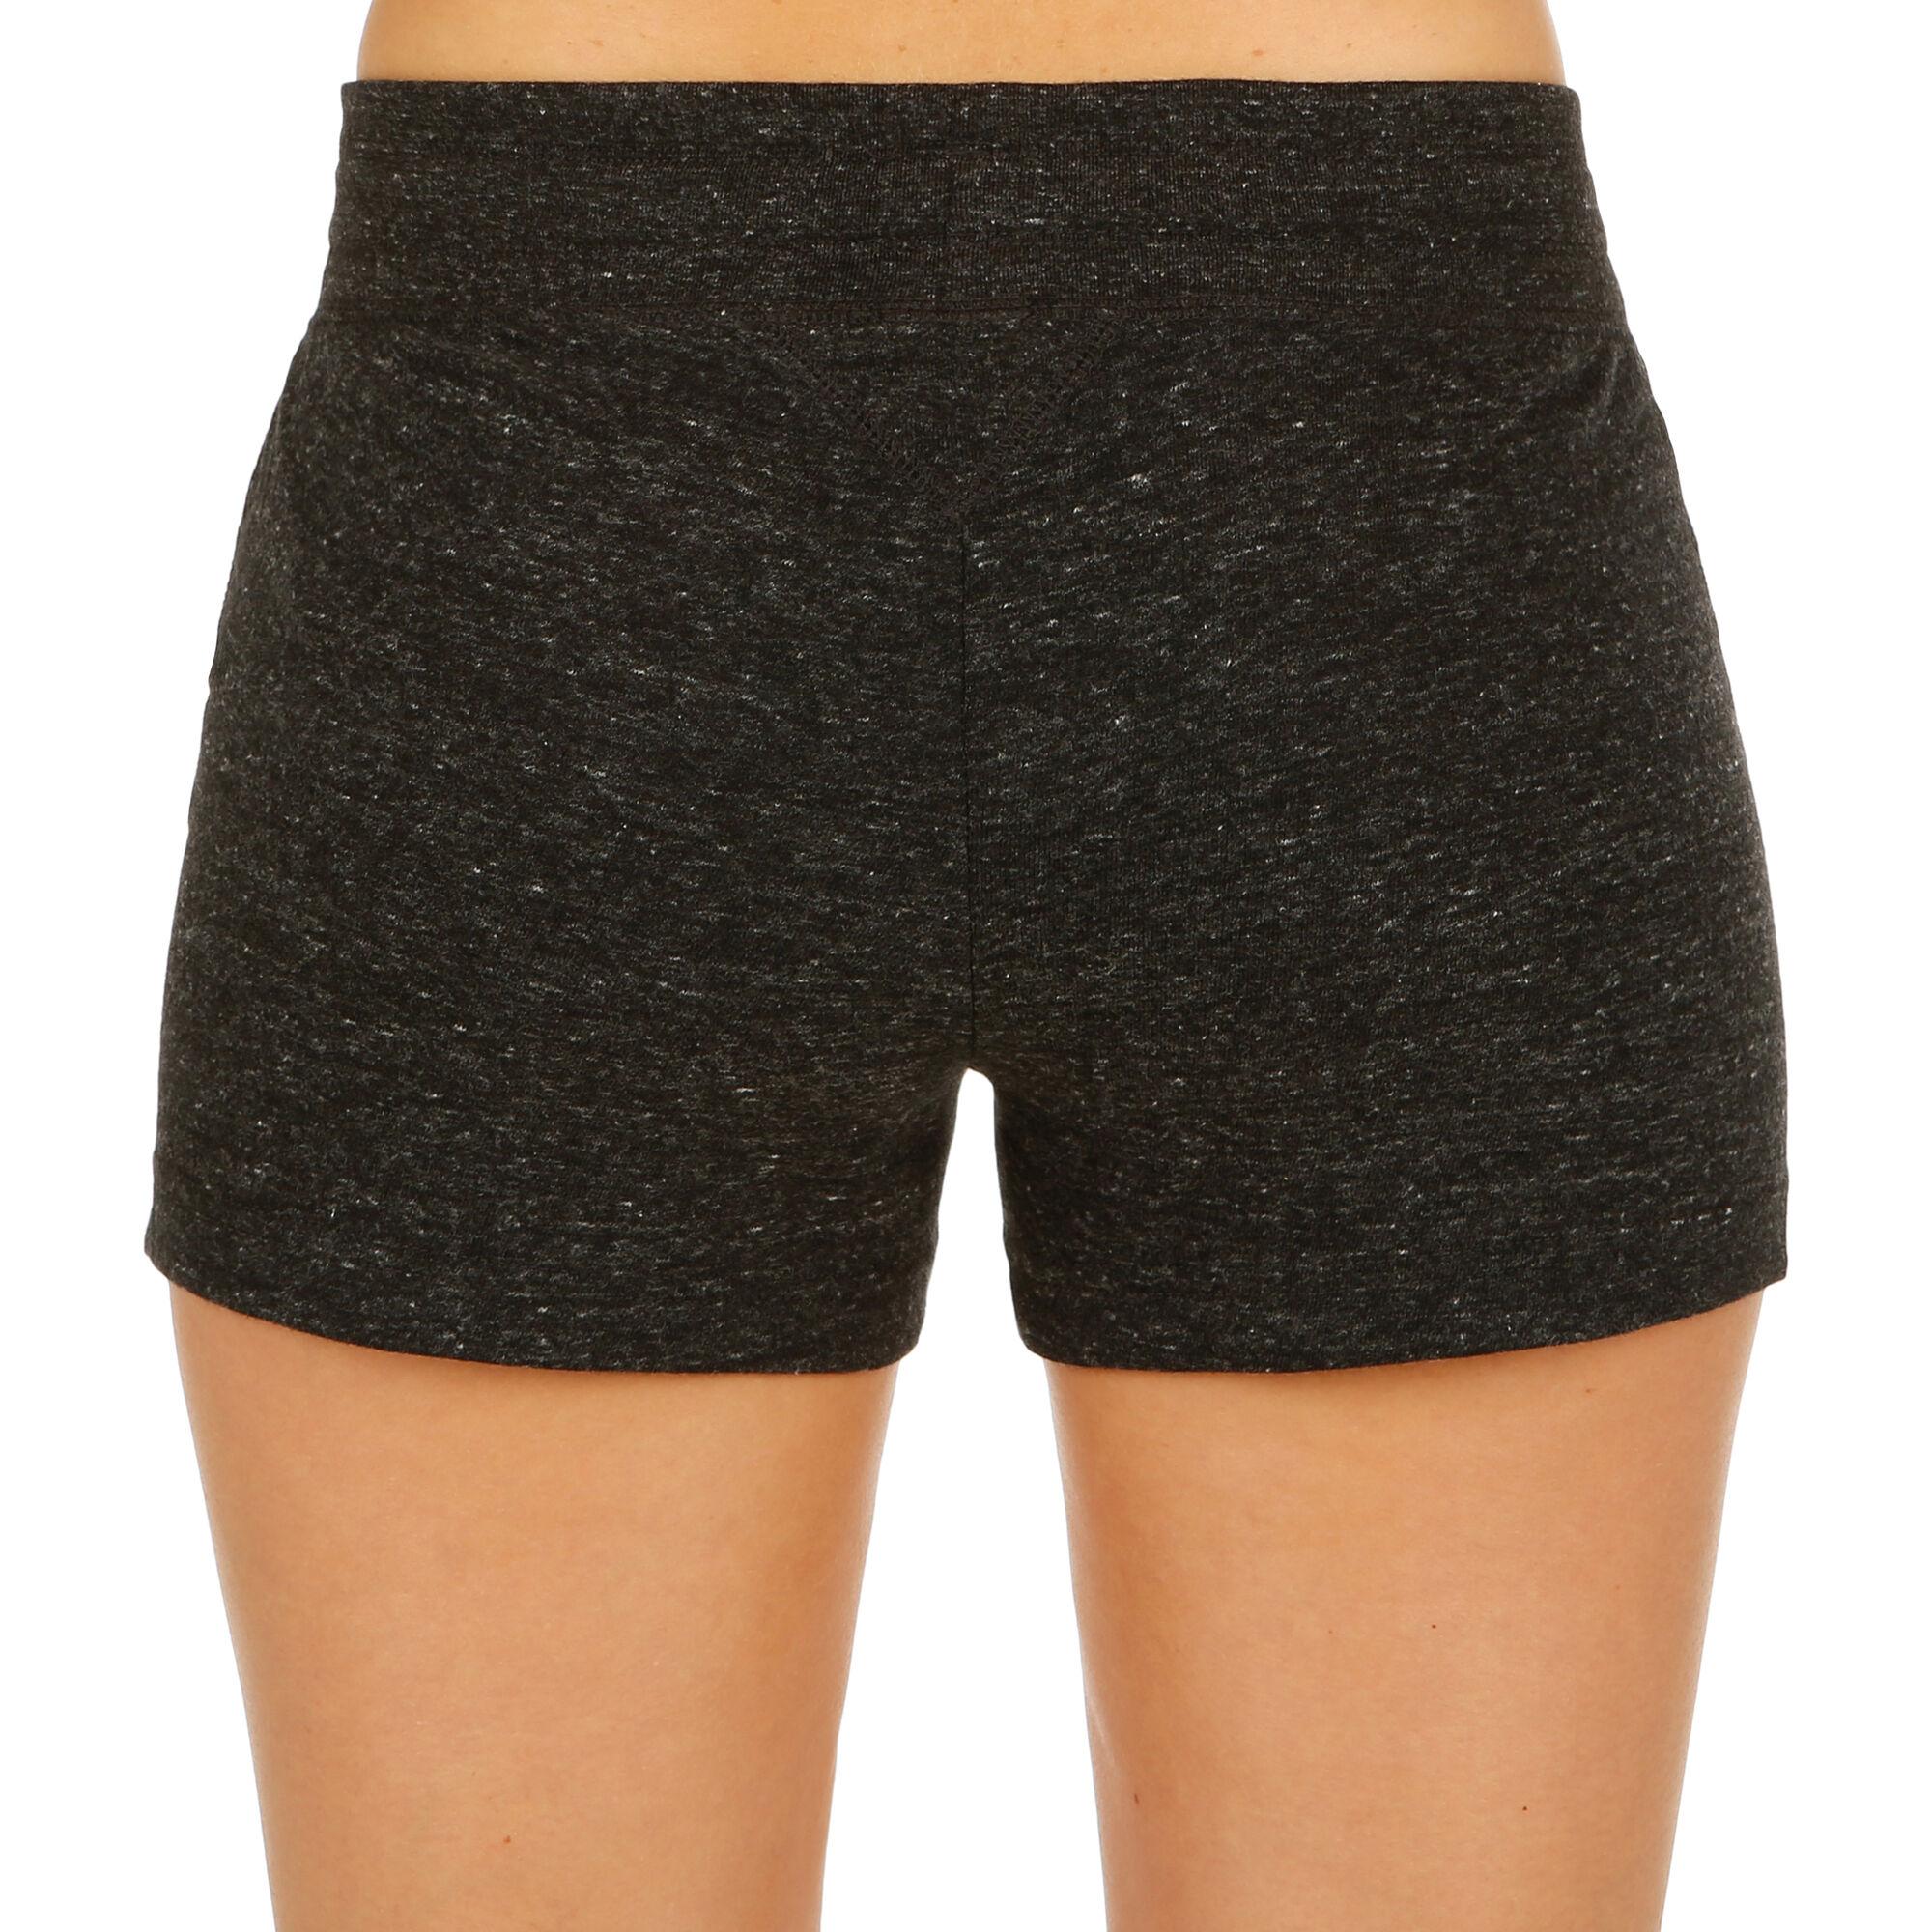 size 40 70771 d6287 Nike · Nike · Nike · Nike · Nike · Nike · Nike · Nike · Nike · Nike.  Sportswear Vintage Shorts ...